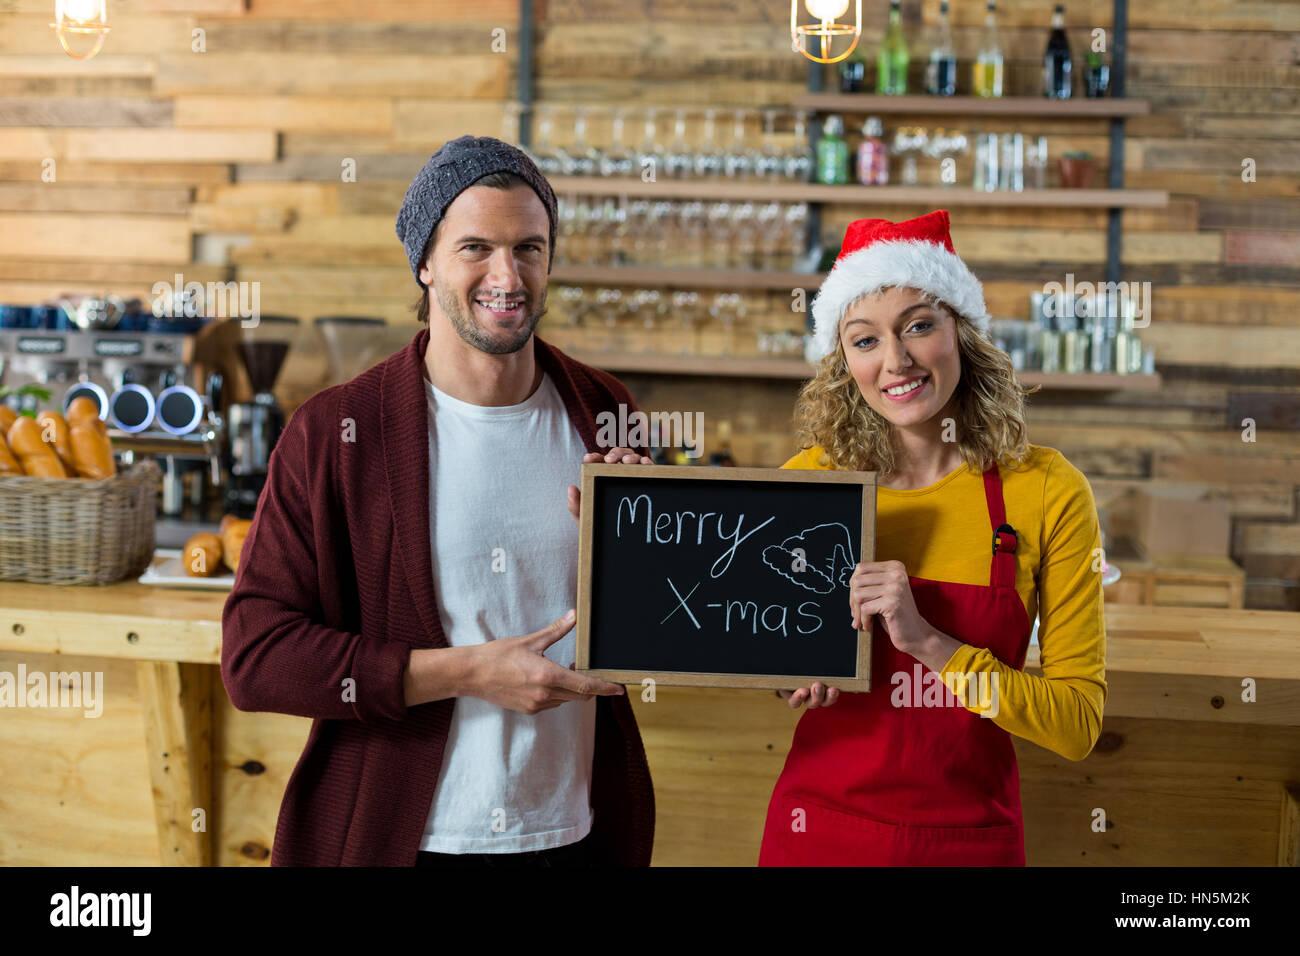 Retrato de camarera sonriente y propietario de pie con merry x mas letrero en cafe Imagen De Stock